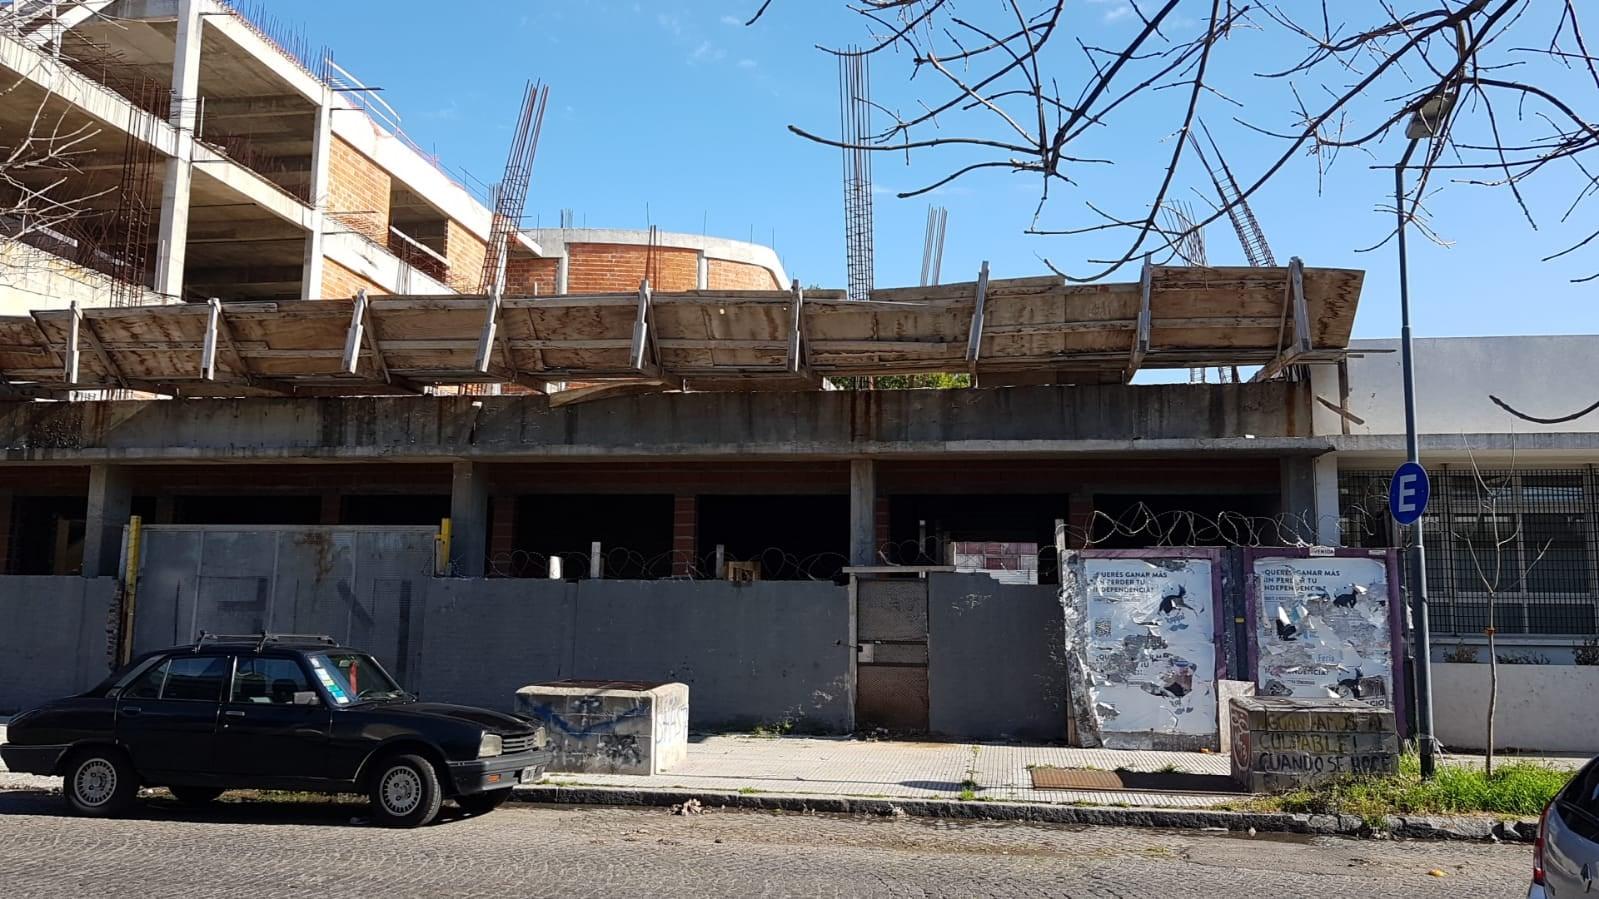 El nuevo edificio para la escuela Jorge Donn ya tiene empresa constructora adjudicada